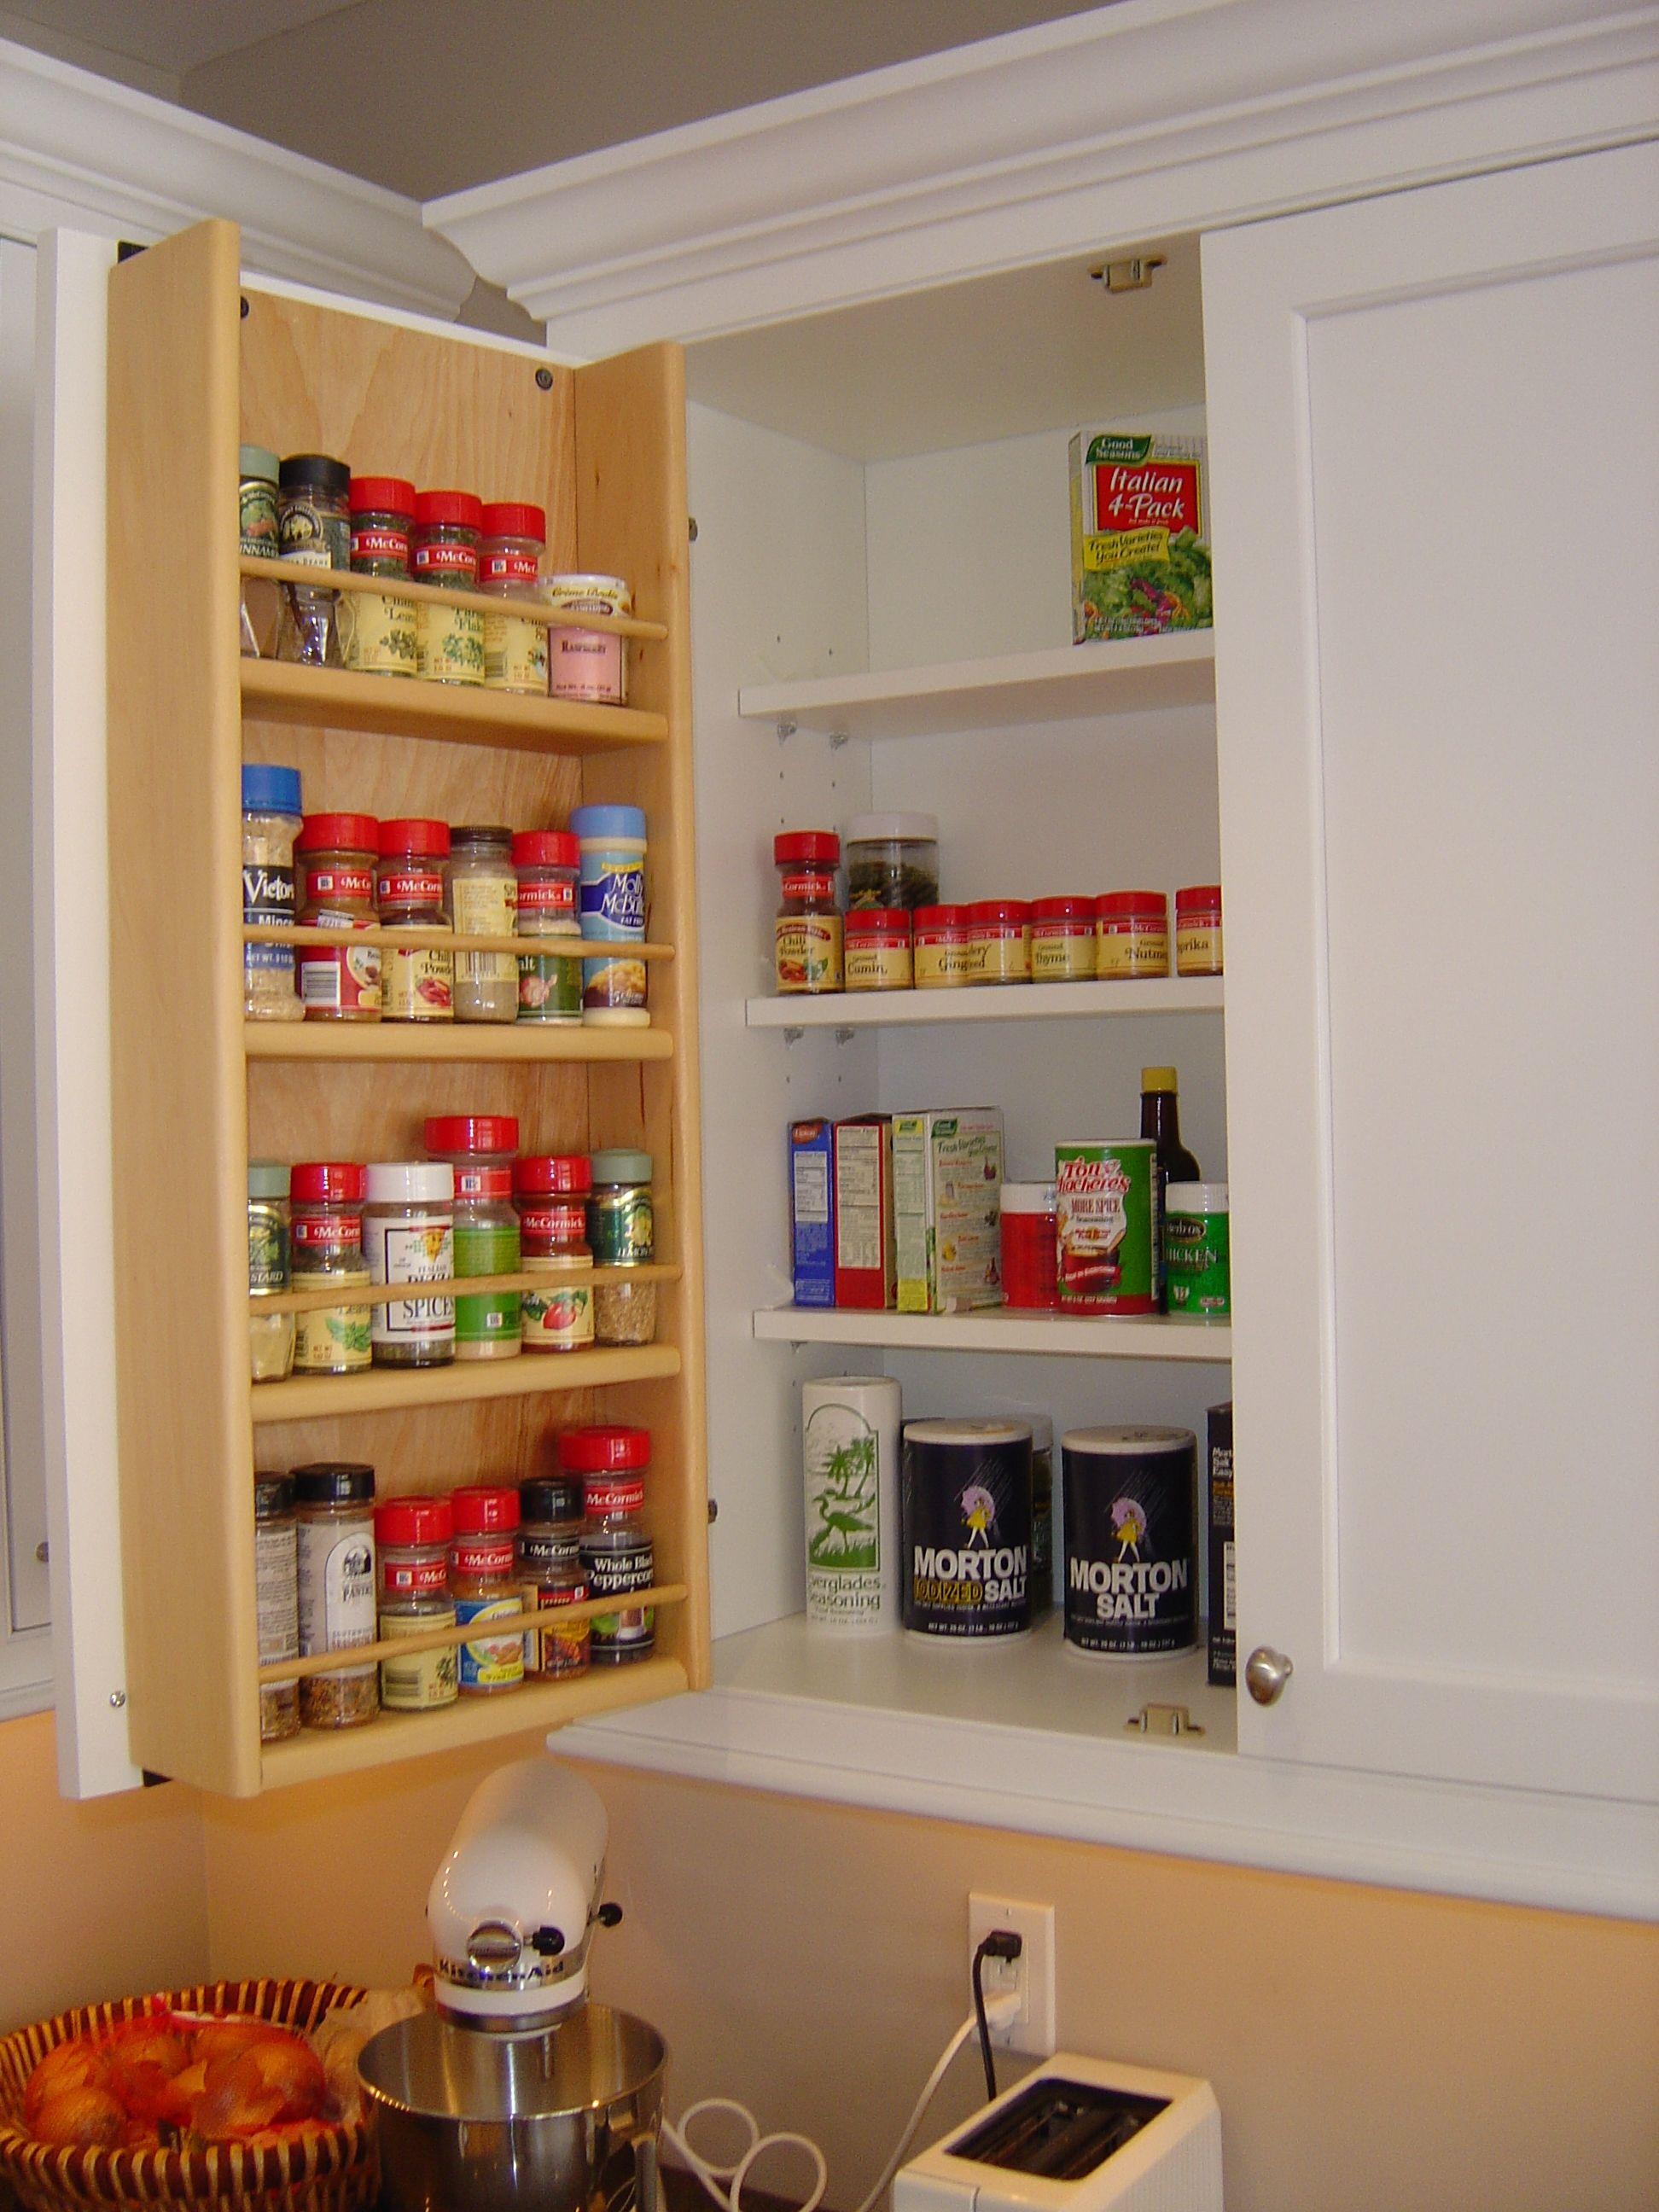 Sliding Spice Rack For Nice Kitchen Cabinet Design Pull Out Spice Drawer Sliding Spice R Food Storage Cabinet Cabinet Door Spice Rack Kitchen Cabinet Design